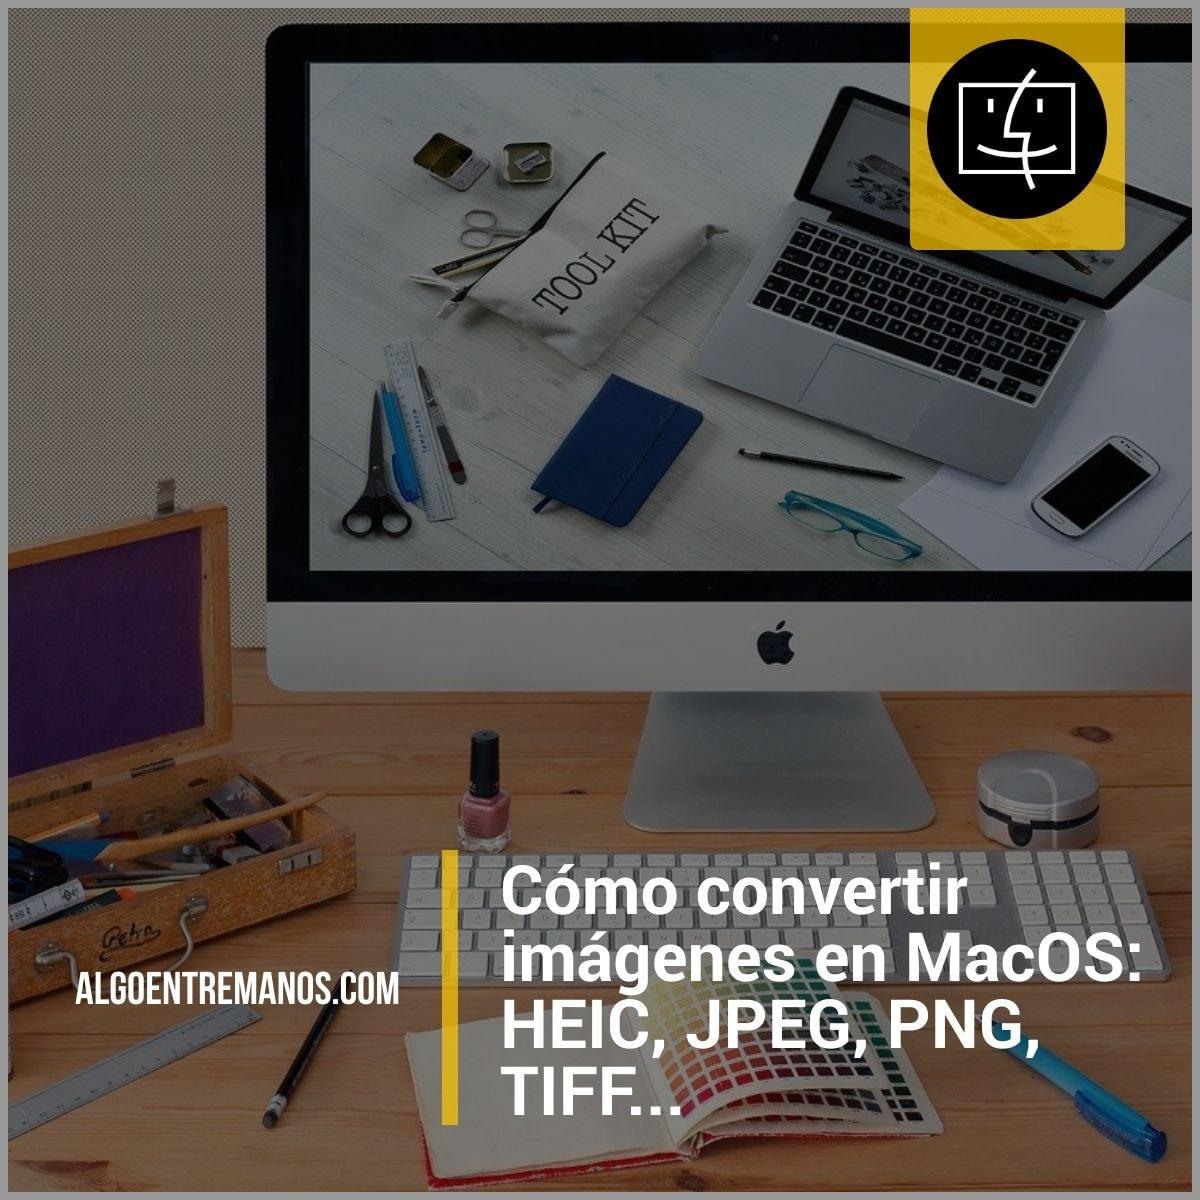 Cómo convertir imágenes en MacOS de manera sencilla con Vista Previa